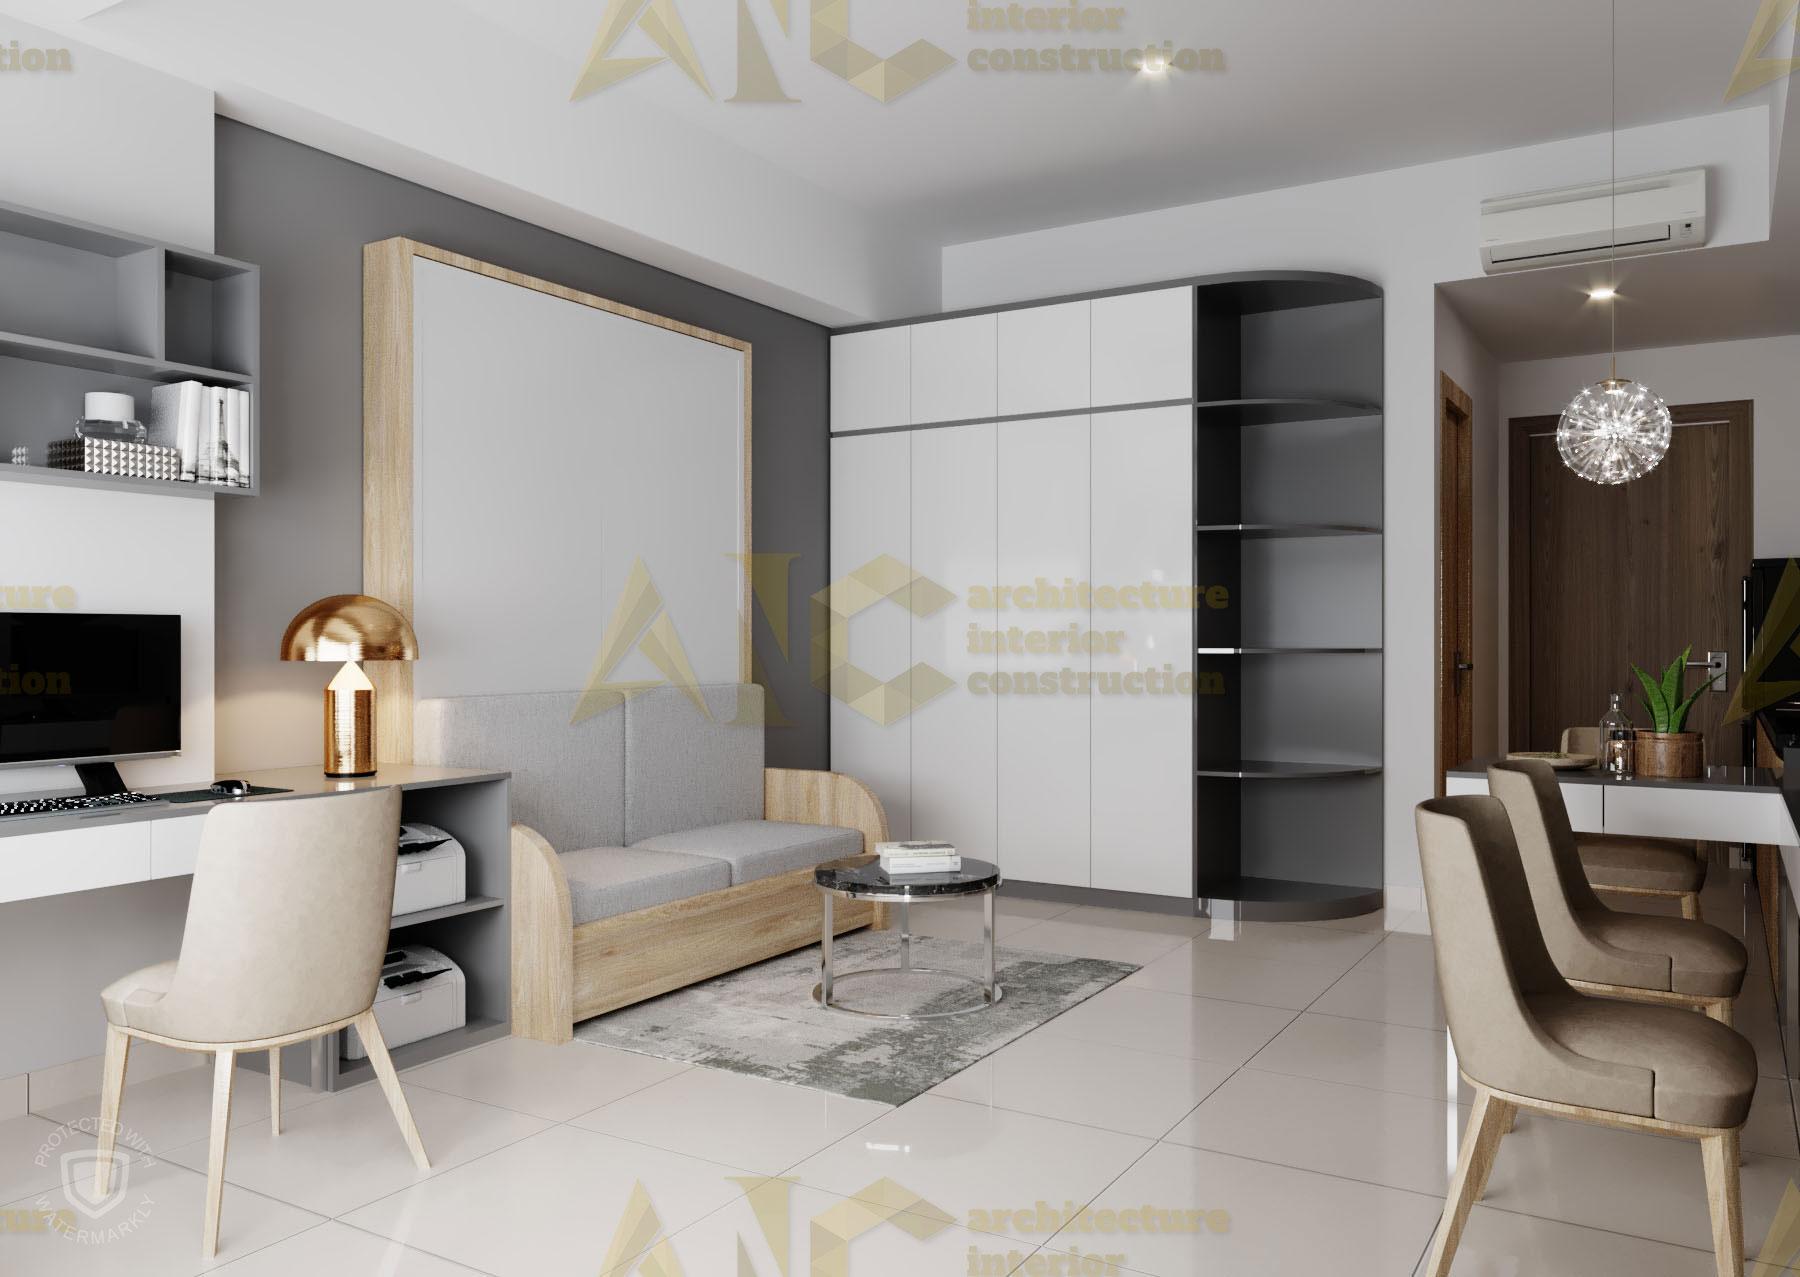 Thiết kế & thi công nội thất căn hộ chú Thắng- view 6